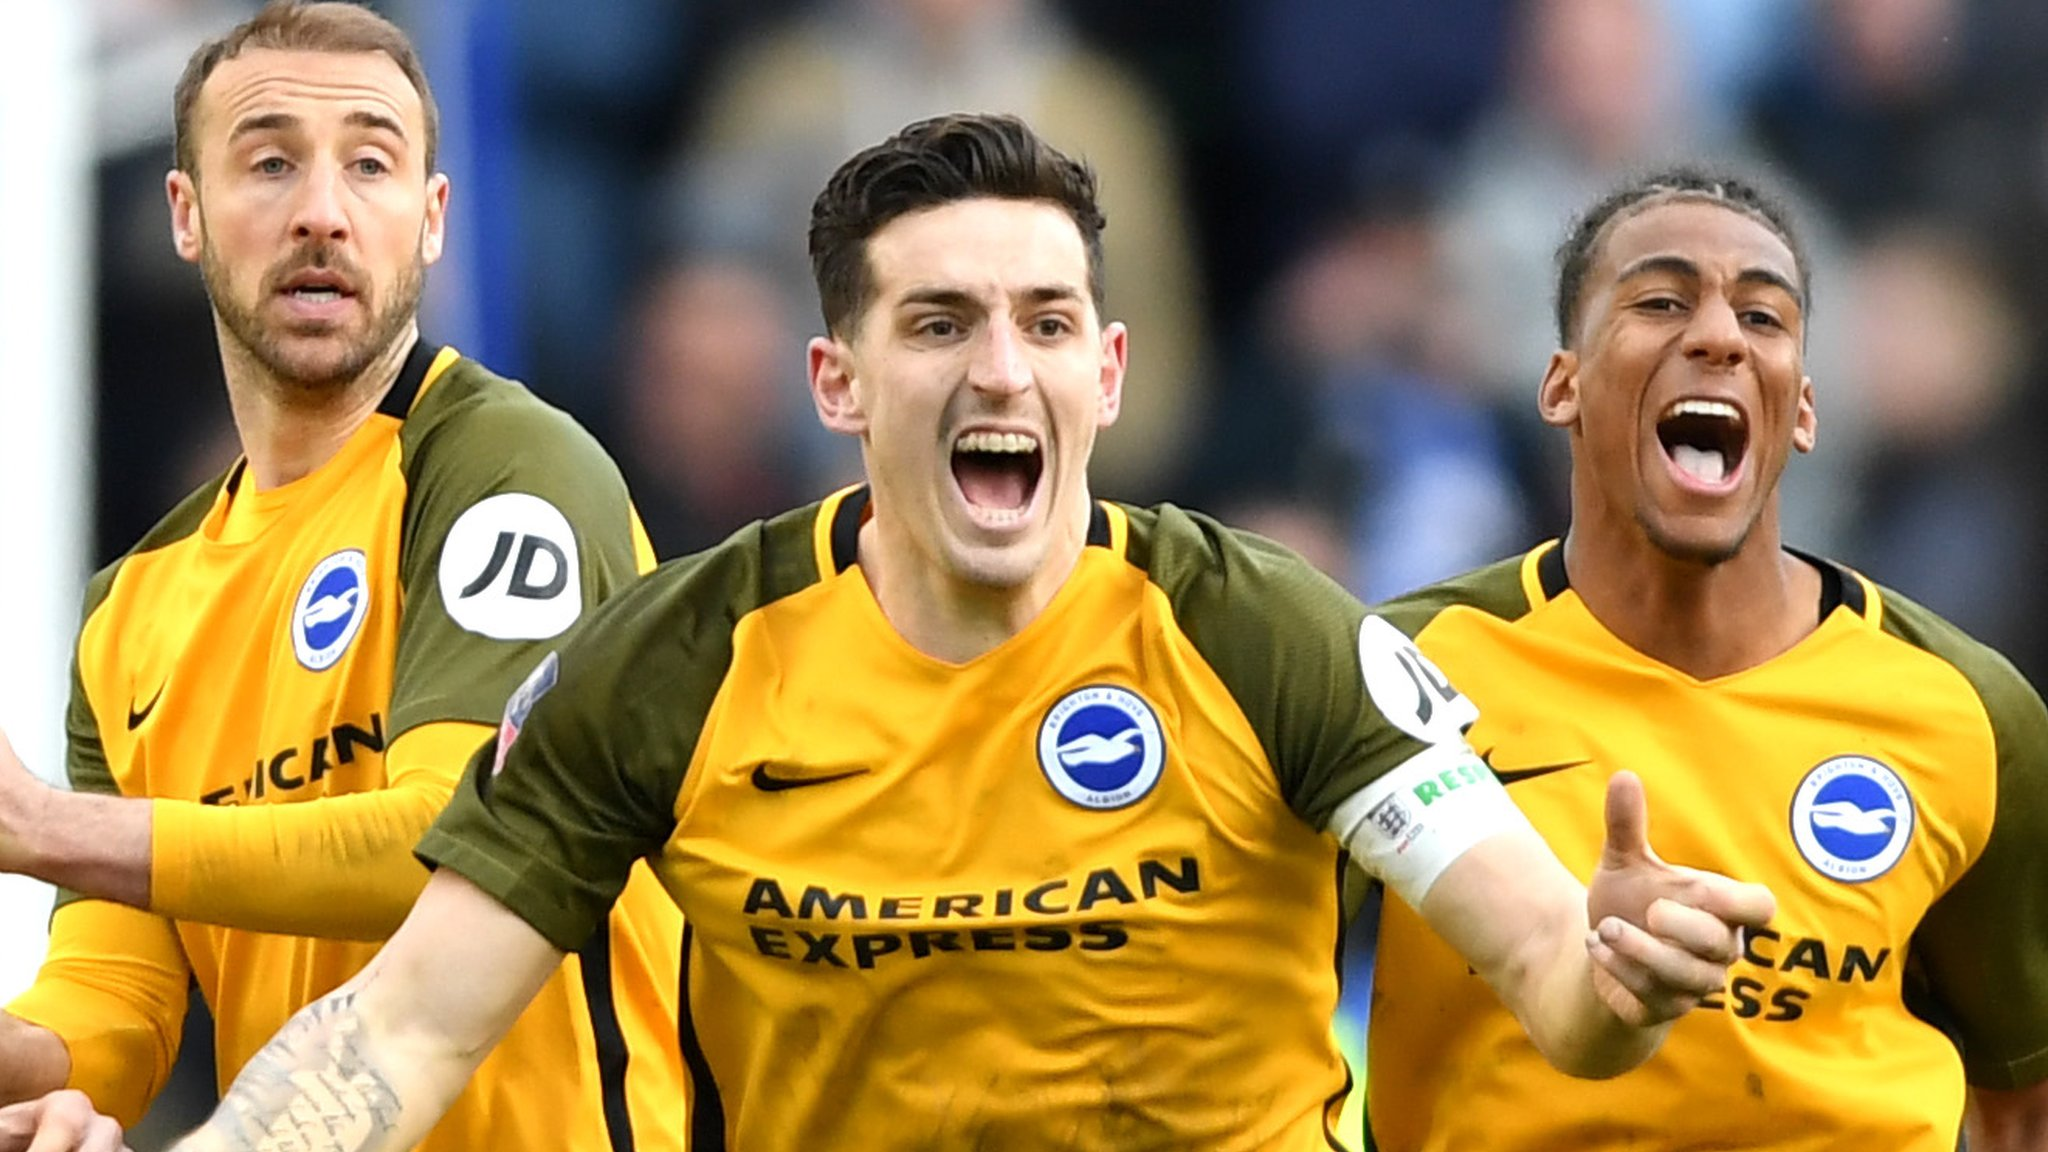 b1d4ad26a97c5e Millwall 2-2 Brighton (pens 4-5)  Brighton into FA Cup semi-finals on  penalties - Brighton make the FA Cup semi-finals via a penalty shootout  following a ...